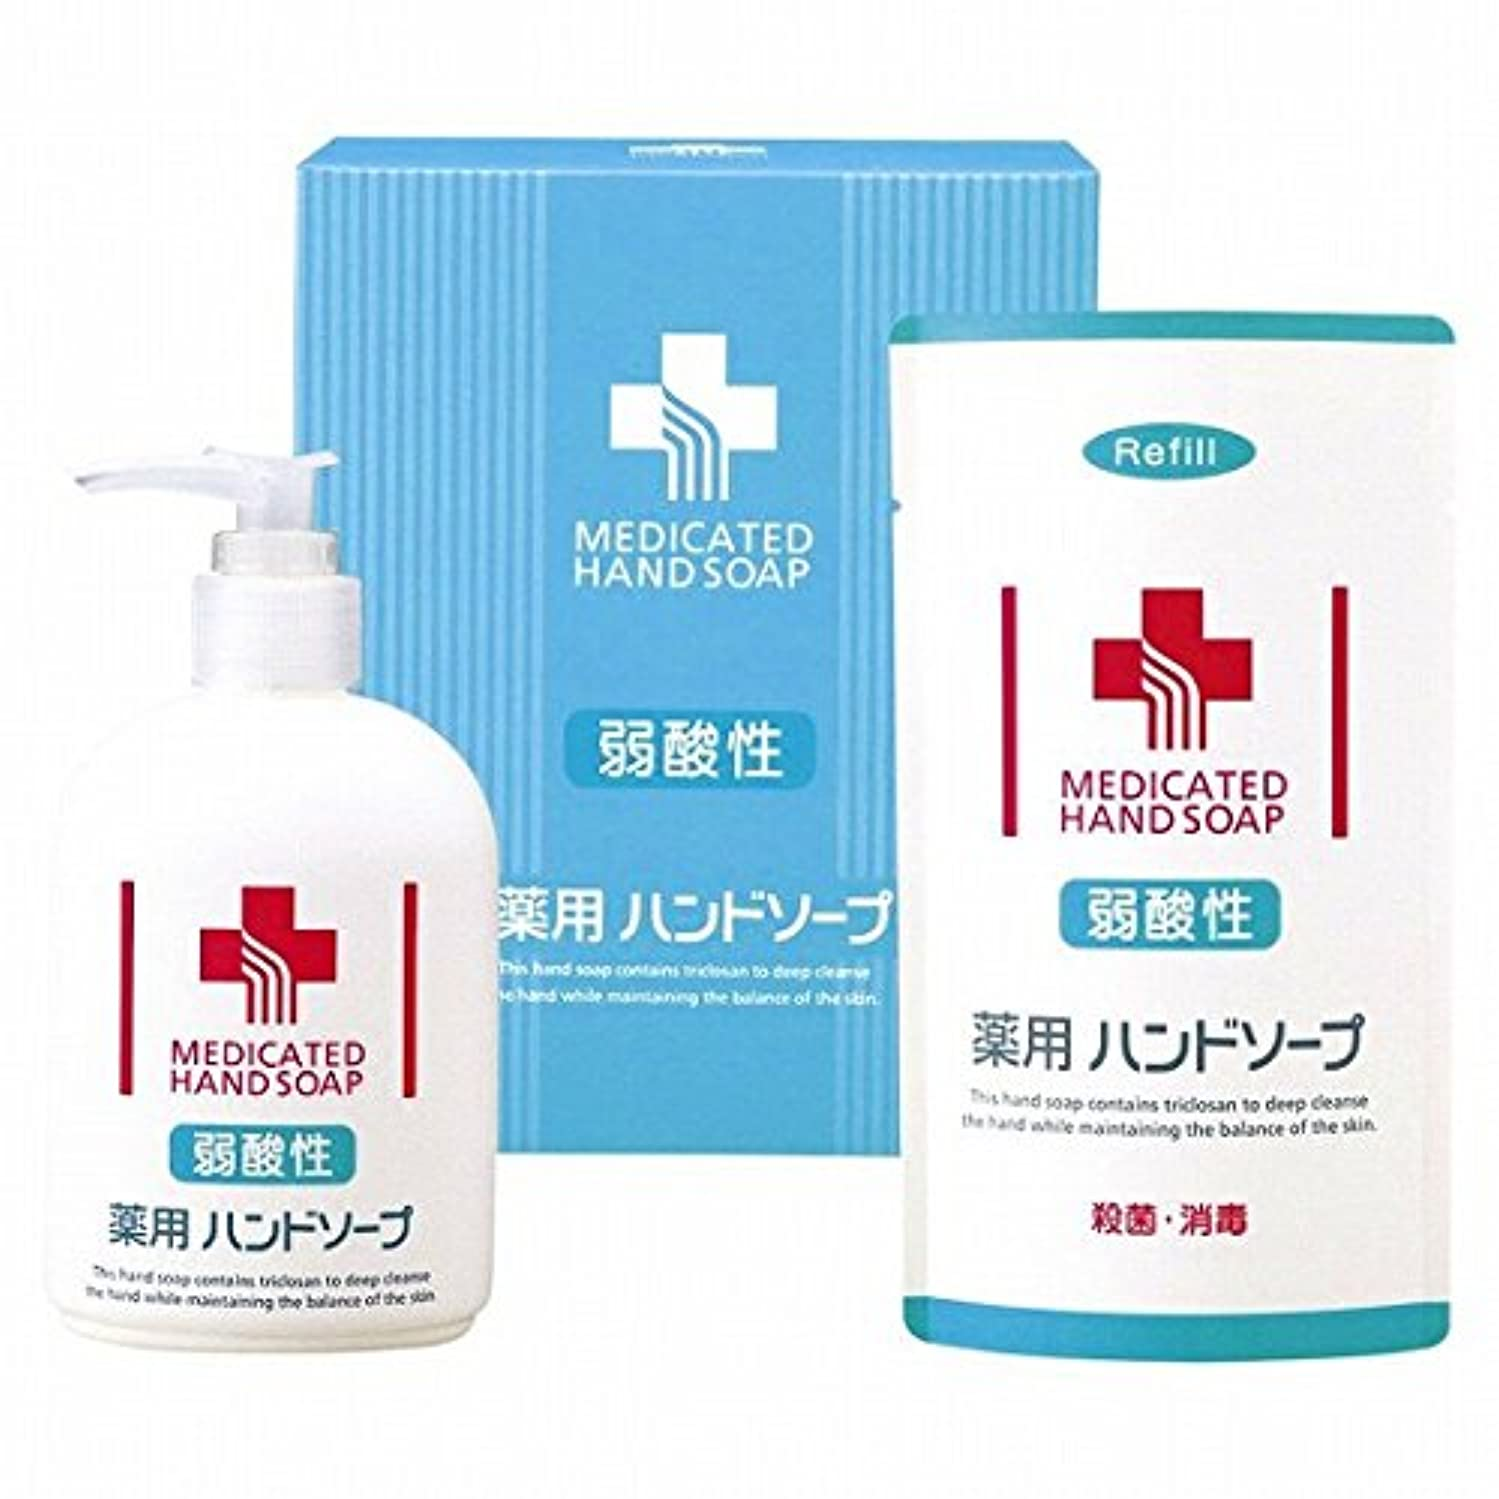 ヘロイン漂流ルアーnobrand 弱酸性 薬用ハンドソープセット(21957015)